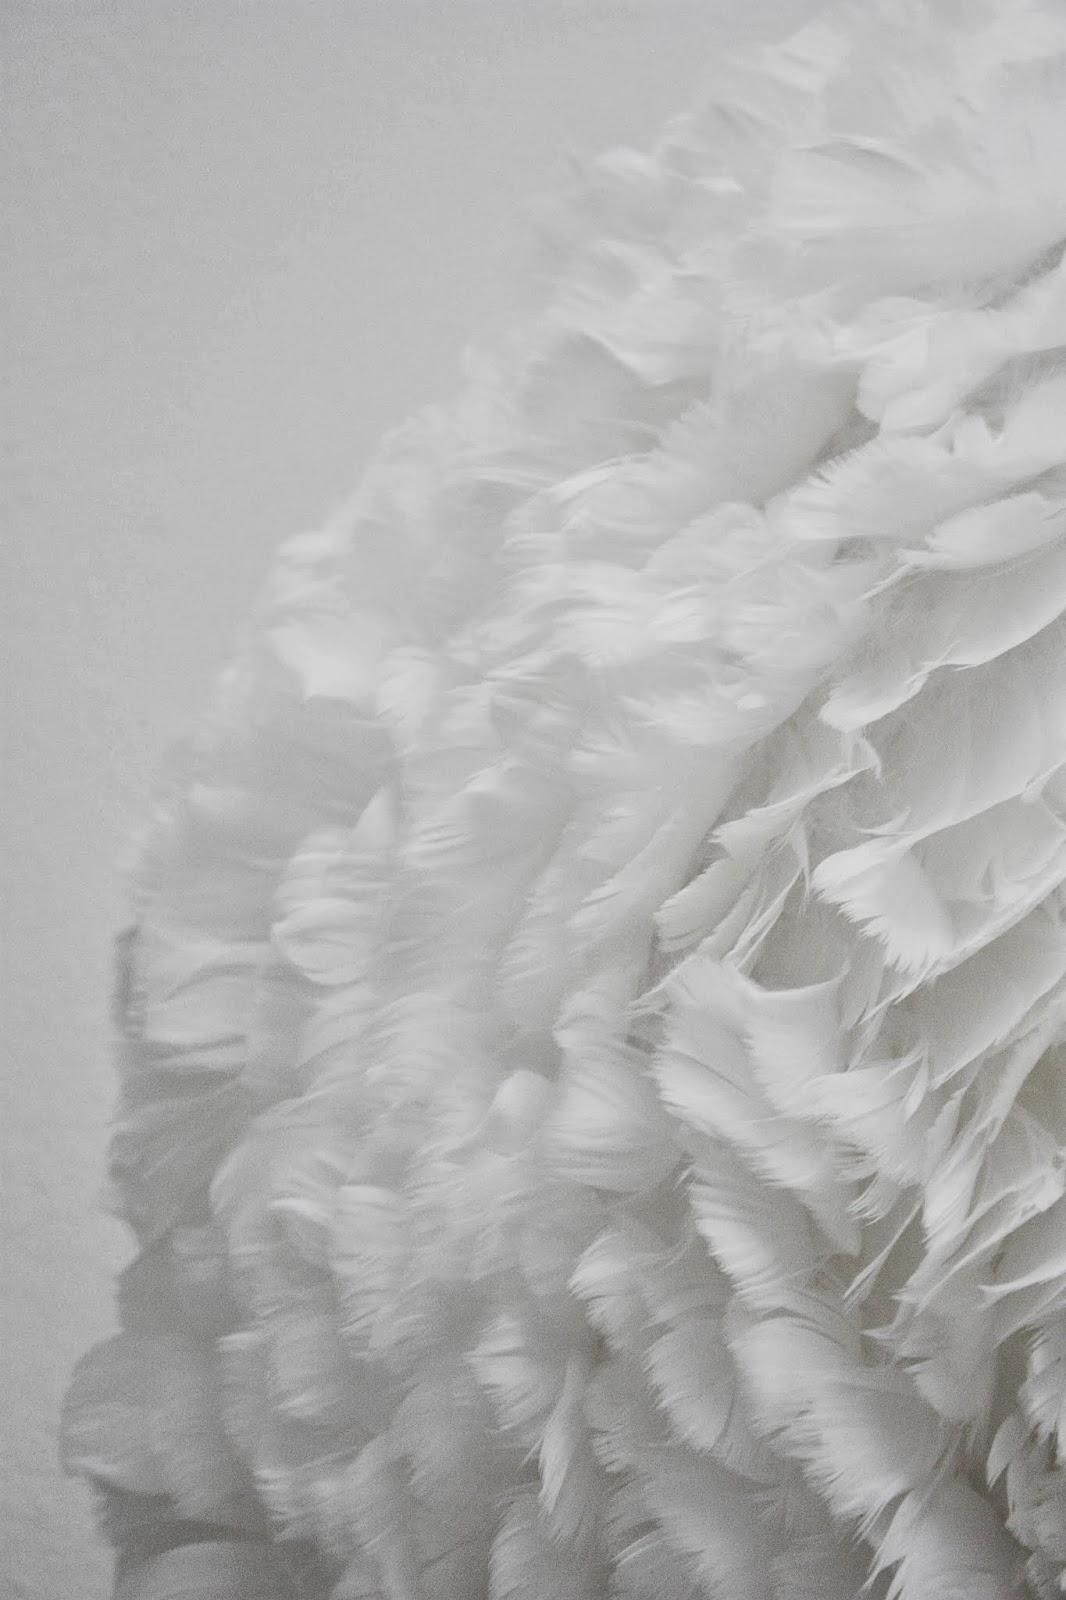 Paulaspalats: om en härlig, fluffig skapelse